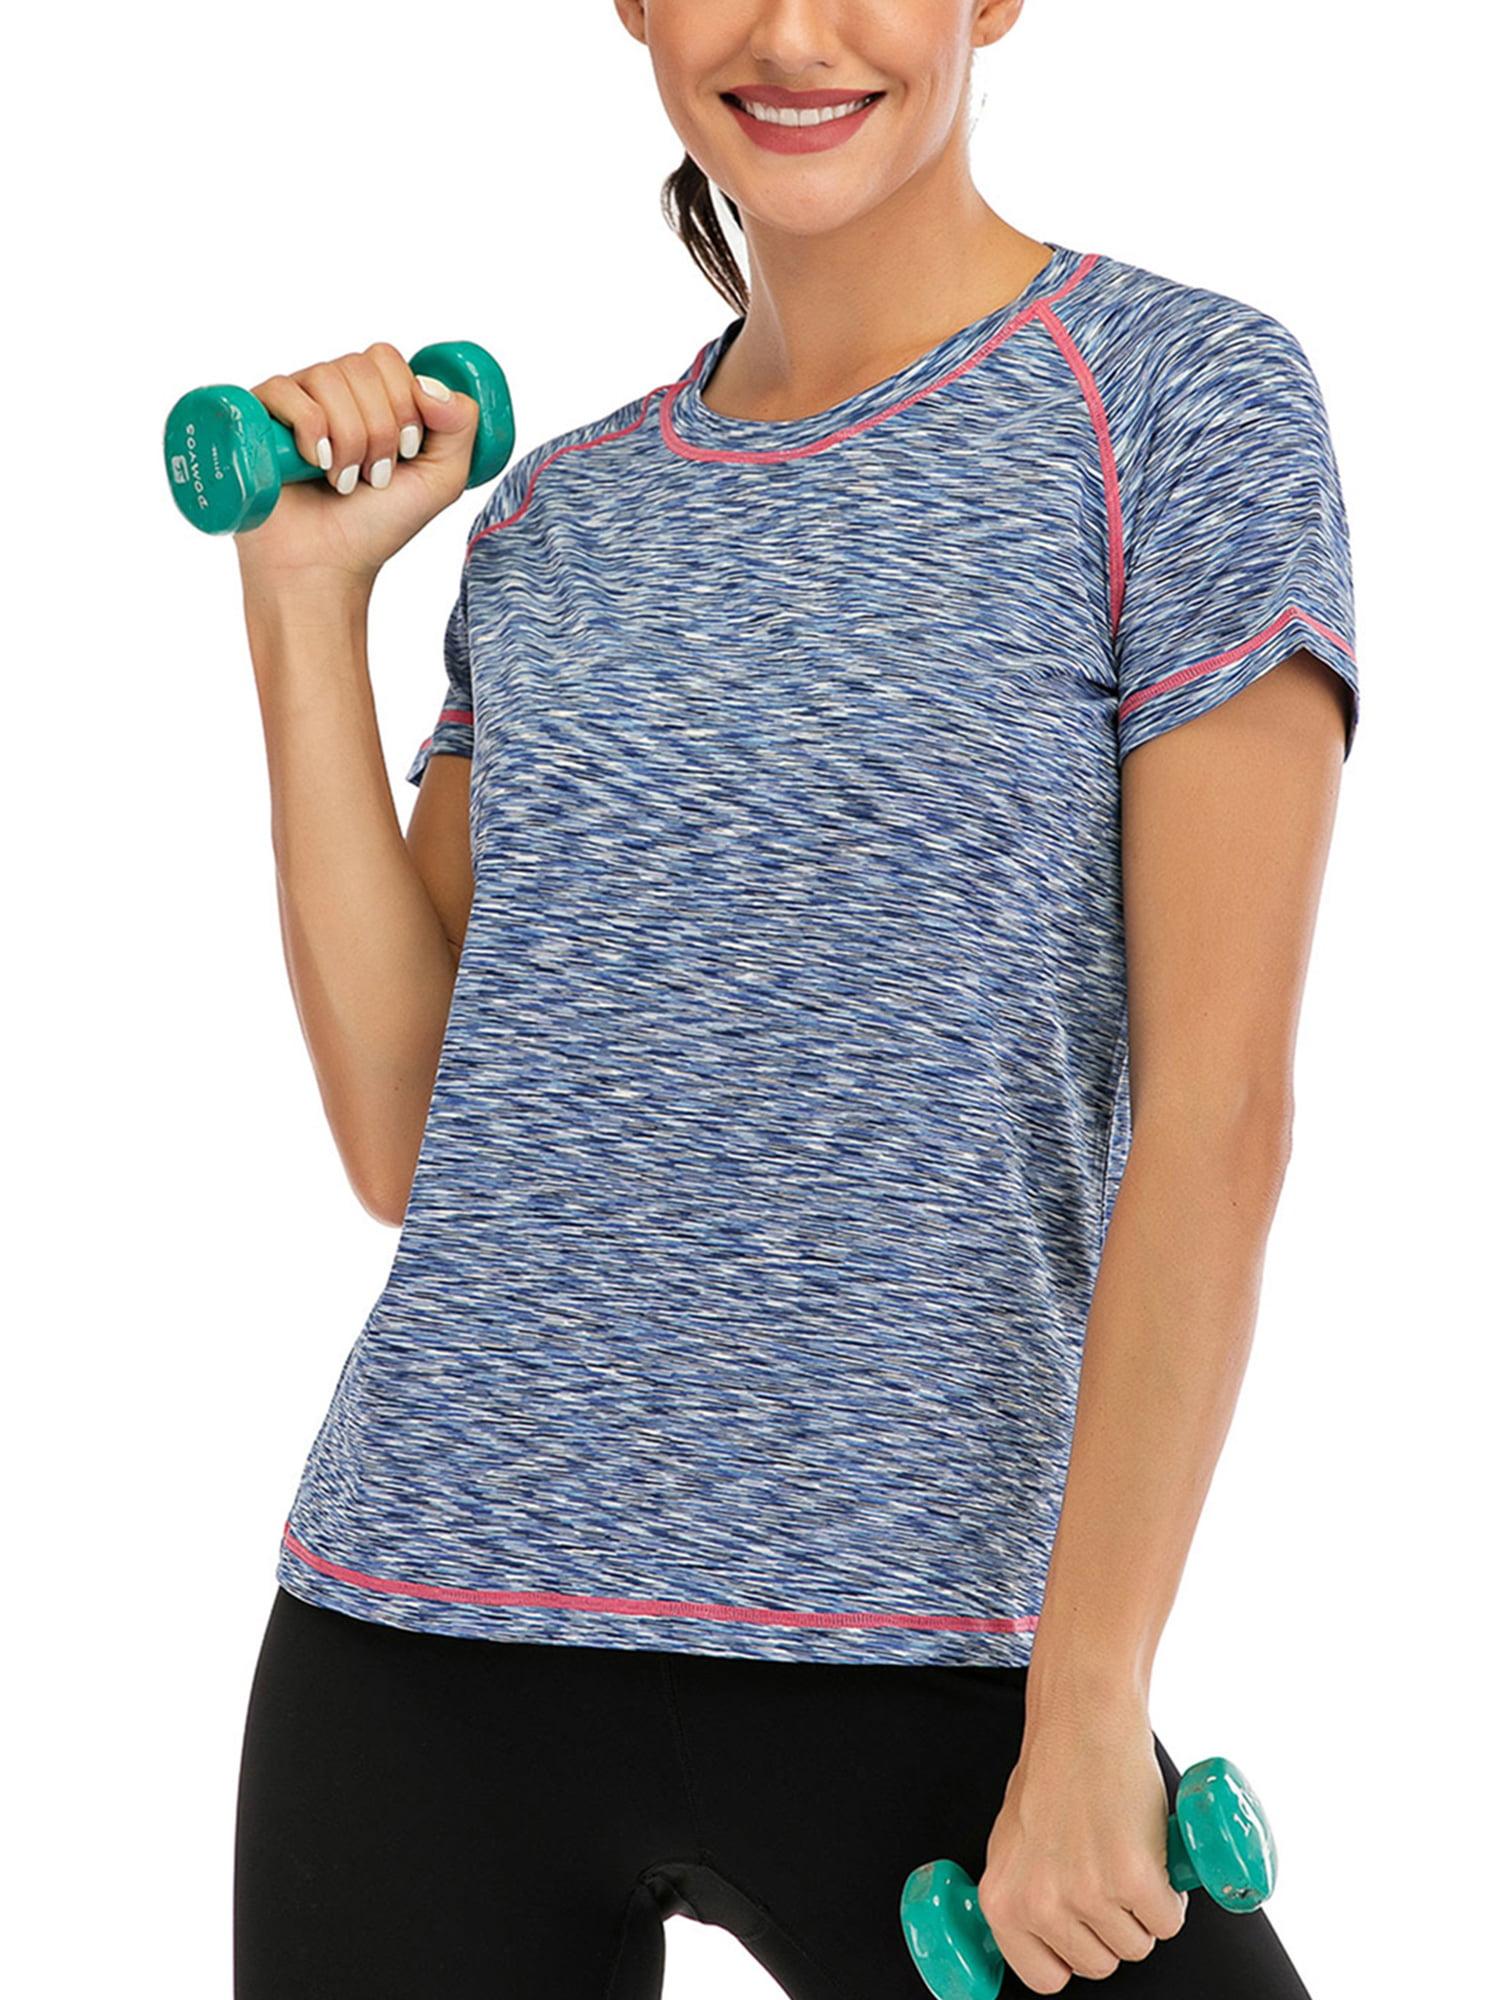 Skechers Womens Sports Vest Wide Hem Cotton Ladies T-Shirt Top Workout Dance Gym